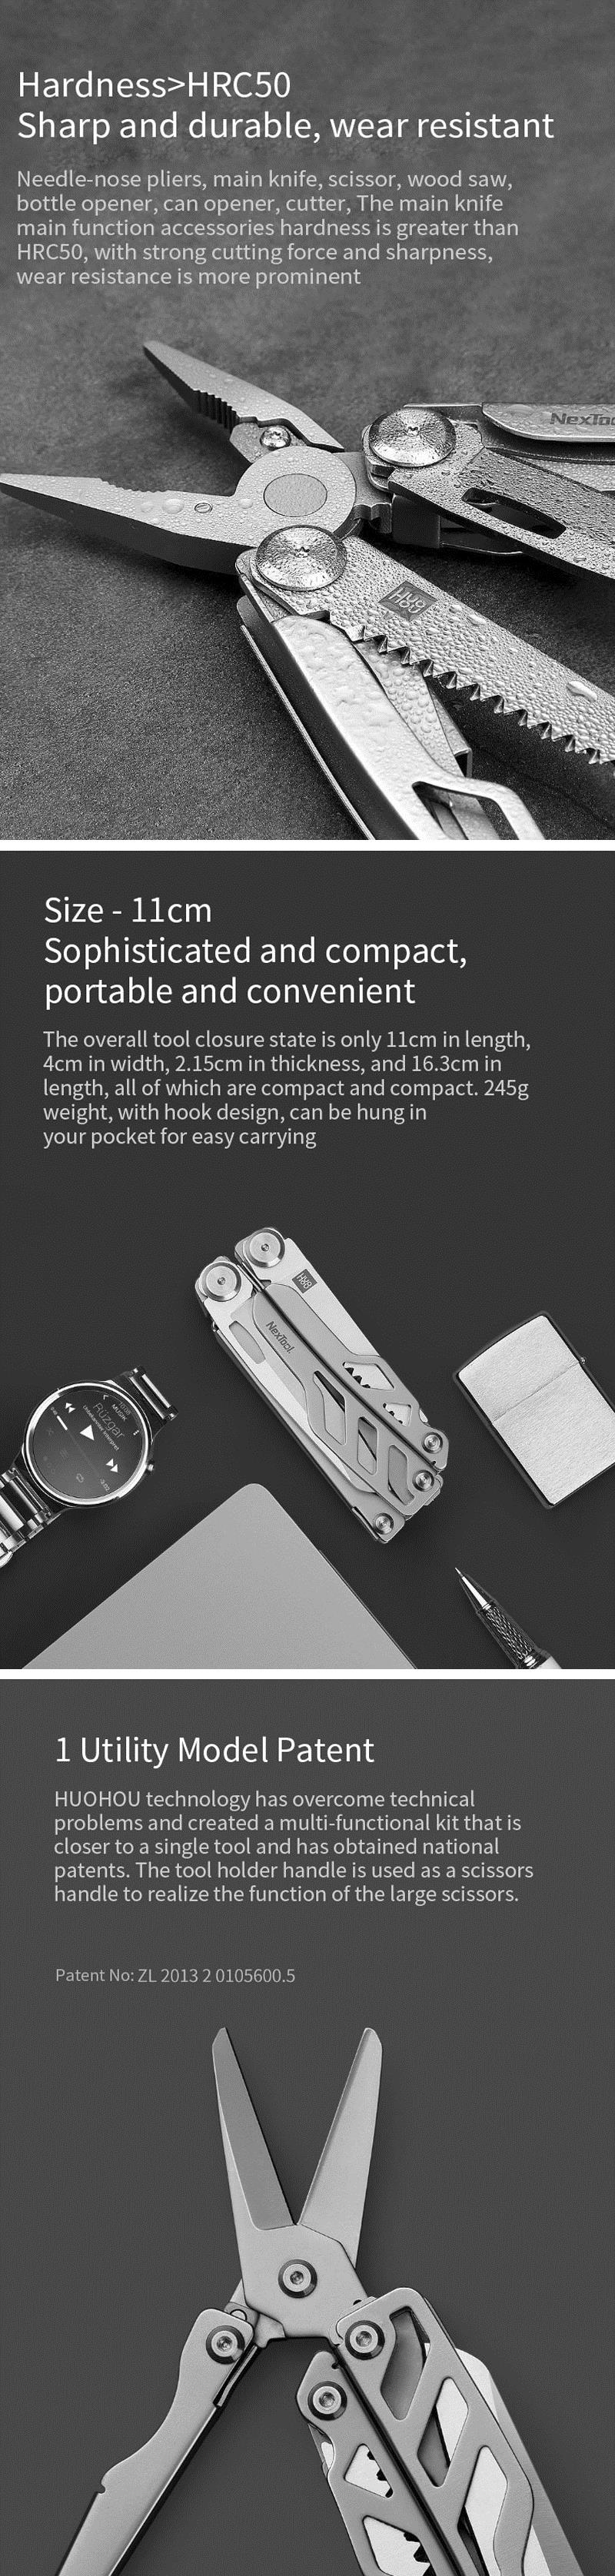 Xiaomi HuoHou Multifunction Knife